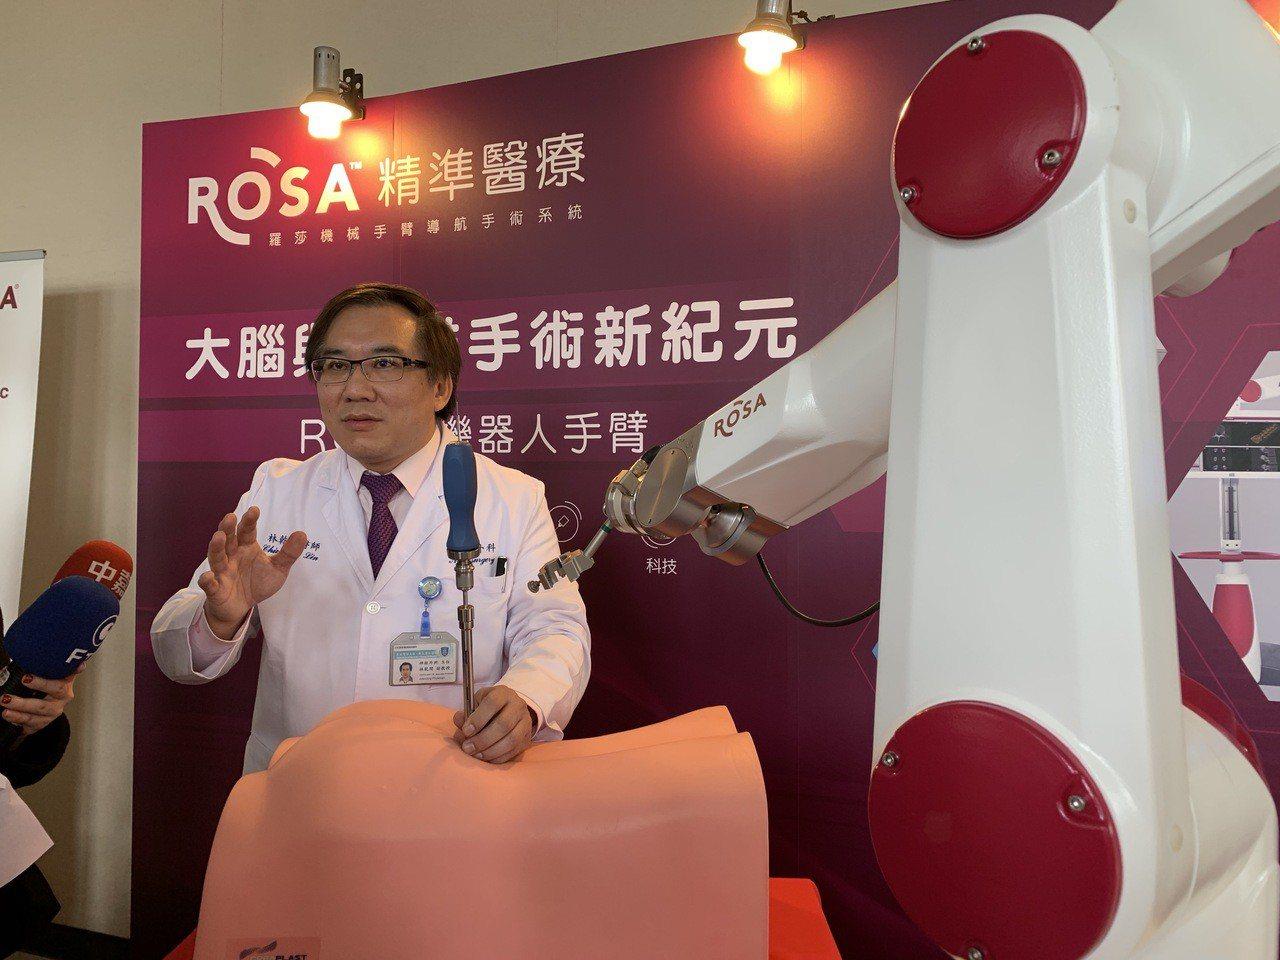 台北神經醫學中心副院長林乾閔講解法國ROSA機器人。記者魏翊庭/攝影